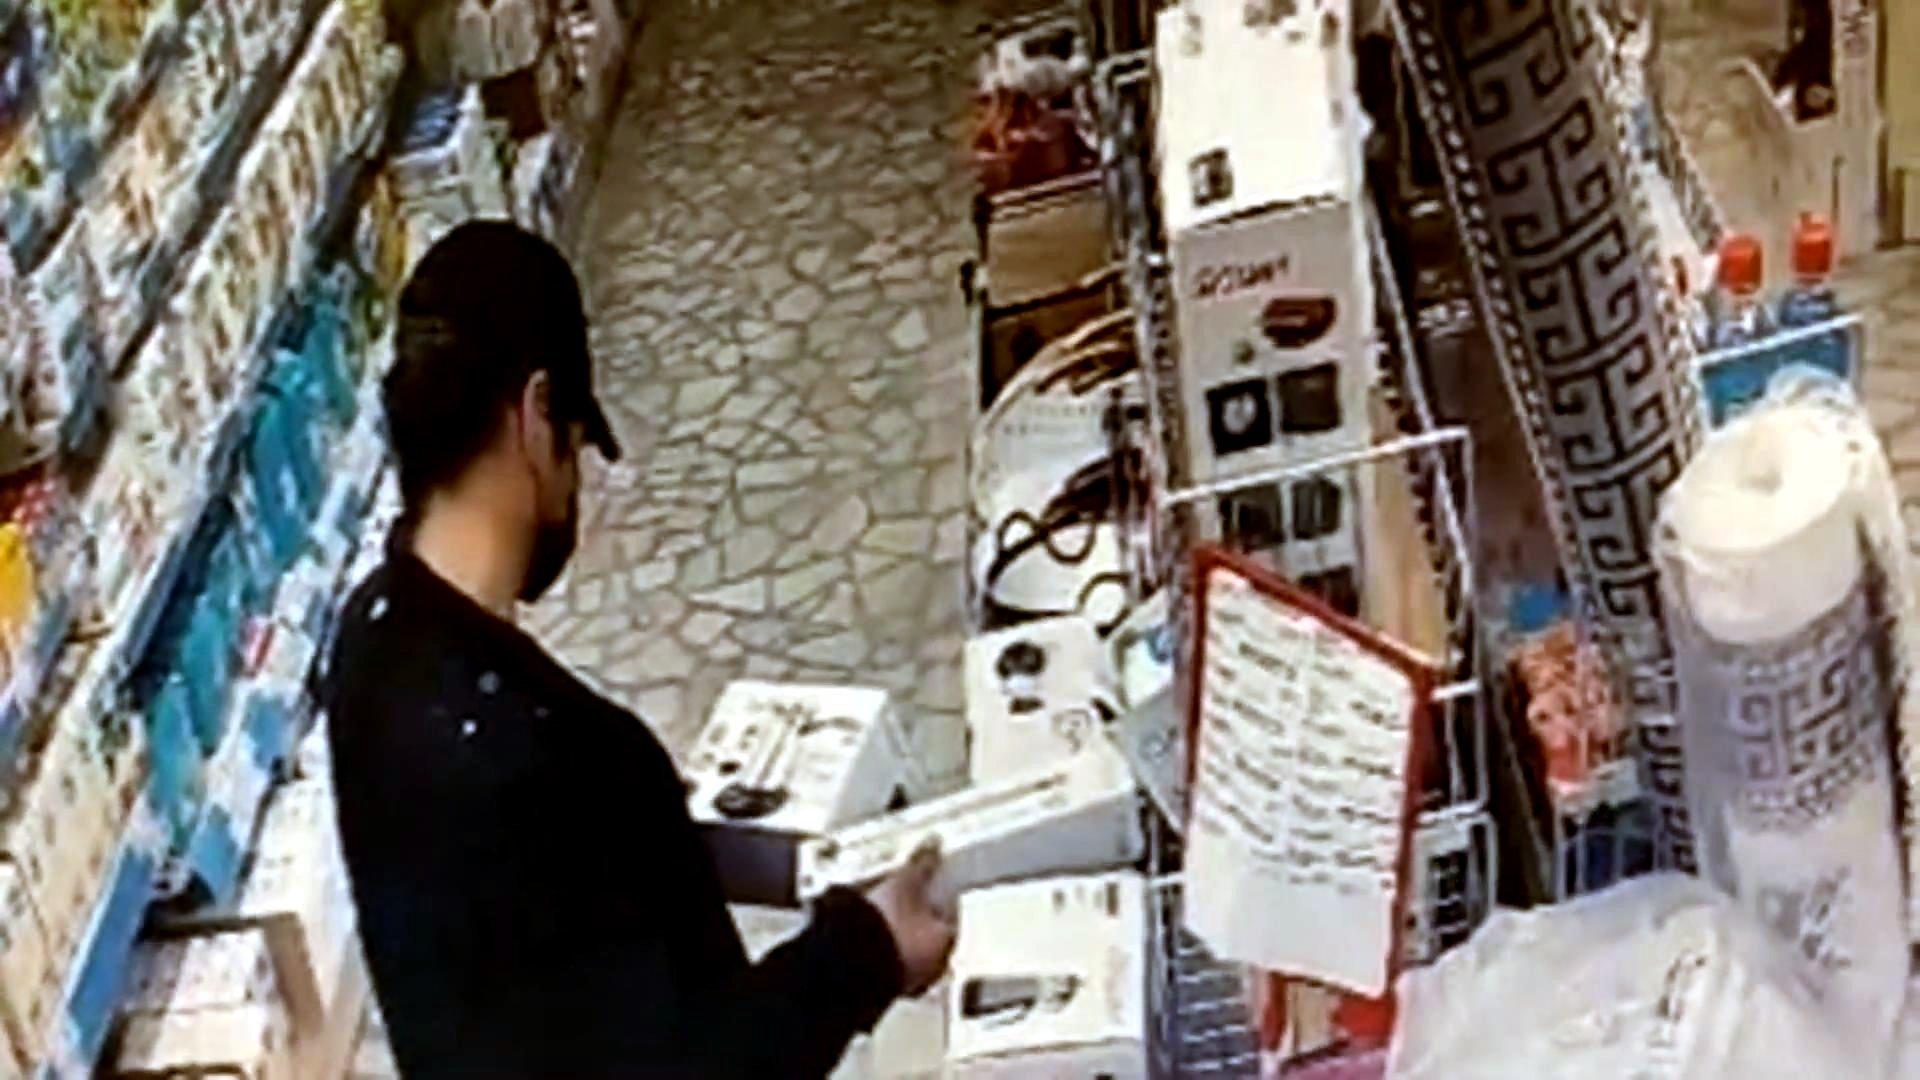 Avcılar'da marketten elektronik eşya çalan hırsız